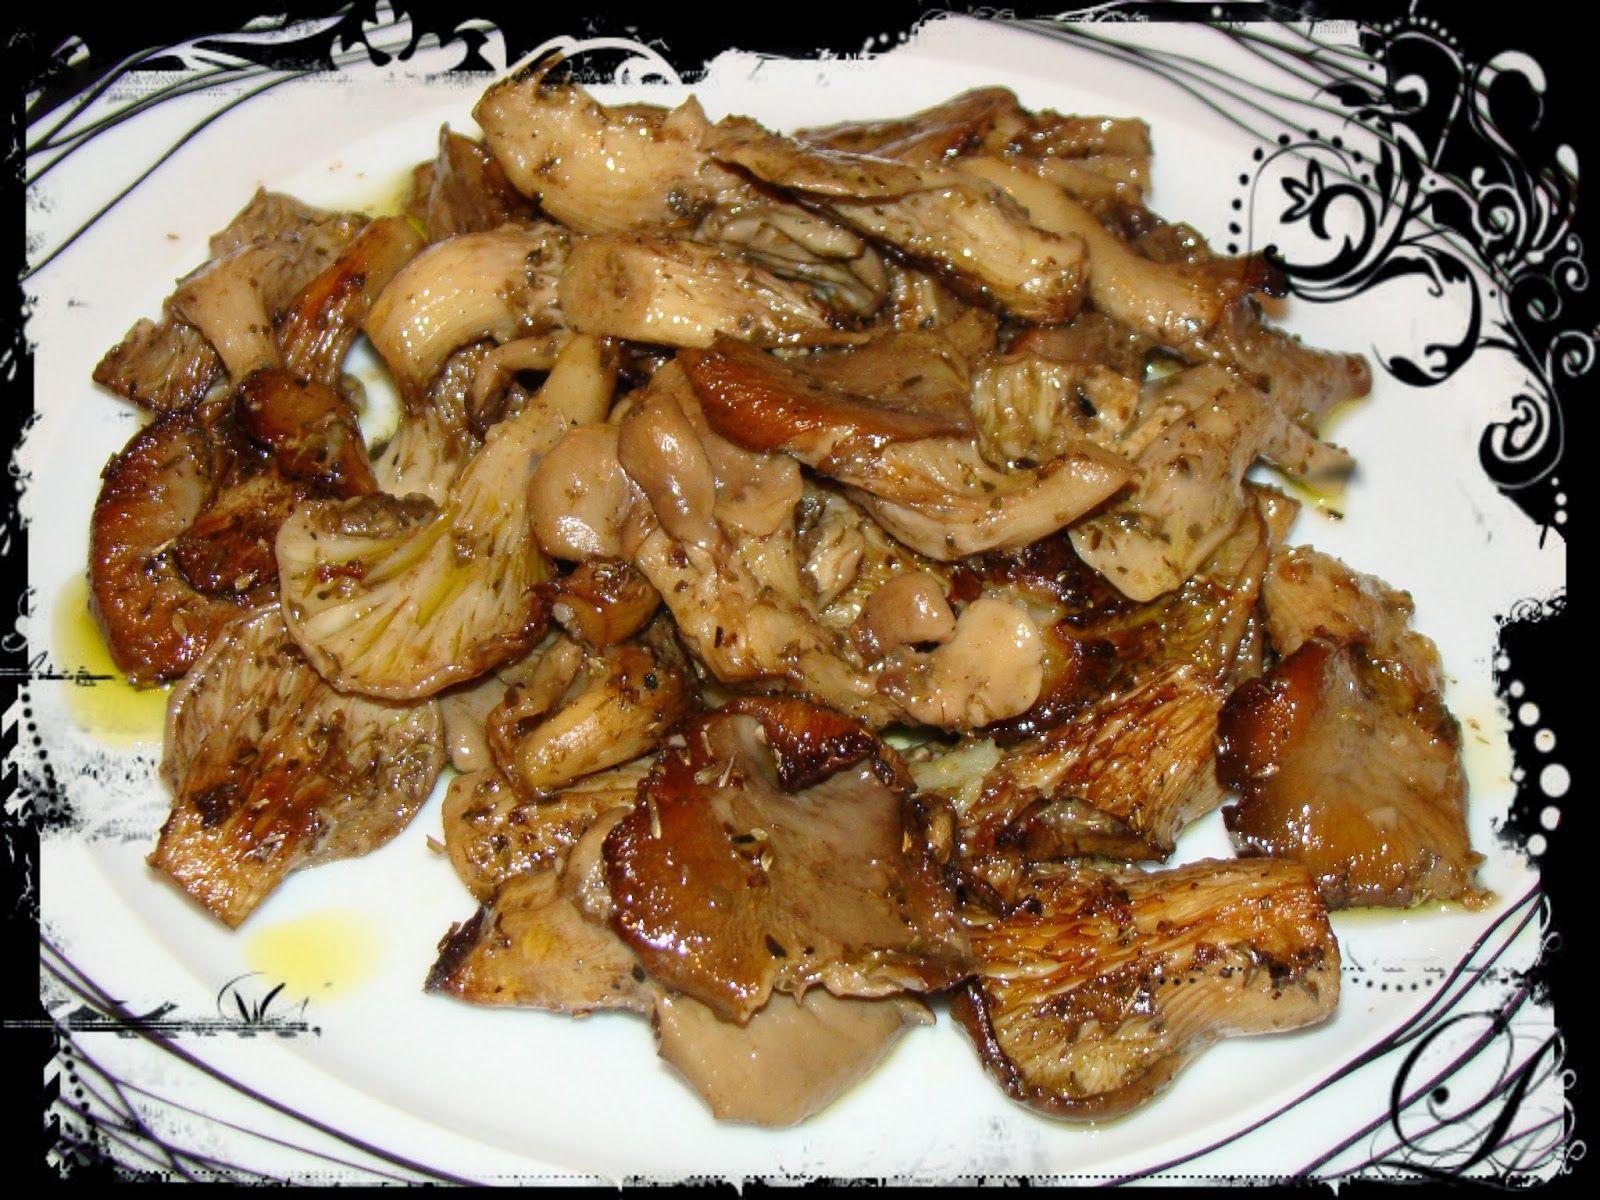 Υλικά: 500γρ μανιτάρια πλευρώτους 1/2 φλ. τσαγιού ελαιόλαδο 1/3 φλ. τσαγιού μπαλσάμικο θυμάρι 3 σκελίδες σκόρδο Αλάτι-πιπέρι Εκτέλεση: Καθαρίζουμε τα μανιτάρια με ένα καθαρό βρεγμένο πανί και τους κόβουμε τα χοντρά κοτσάνια Τα τοποθετούμε σε ένα πυρέξ,χτυπάμε στο μούλτι το λάδι,το σκόρδο,το μπαλσάμικο και λίγο θυμάρι και τα περιχύνουμε Αλατοπιπερώνουμε και ψήνουμε σε προθερμασμένο φούρνο …